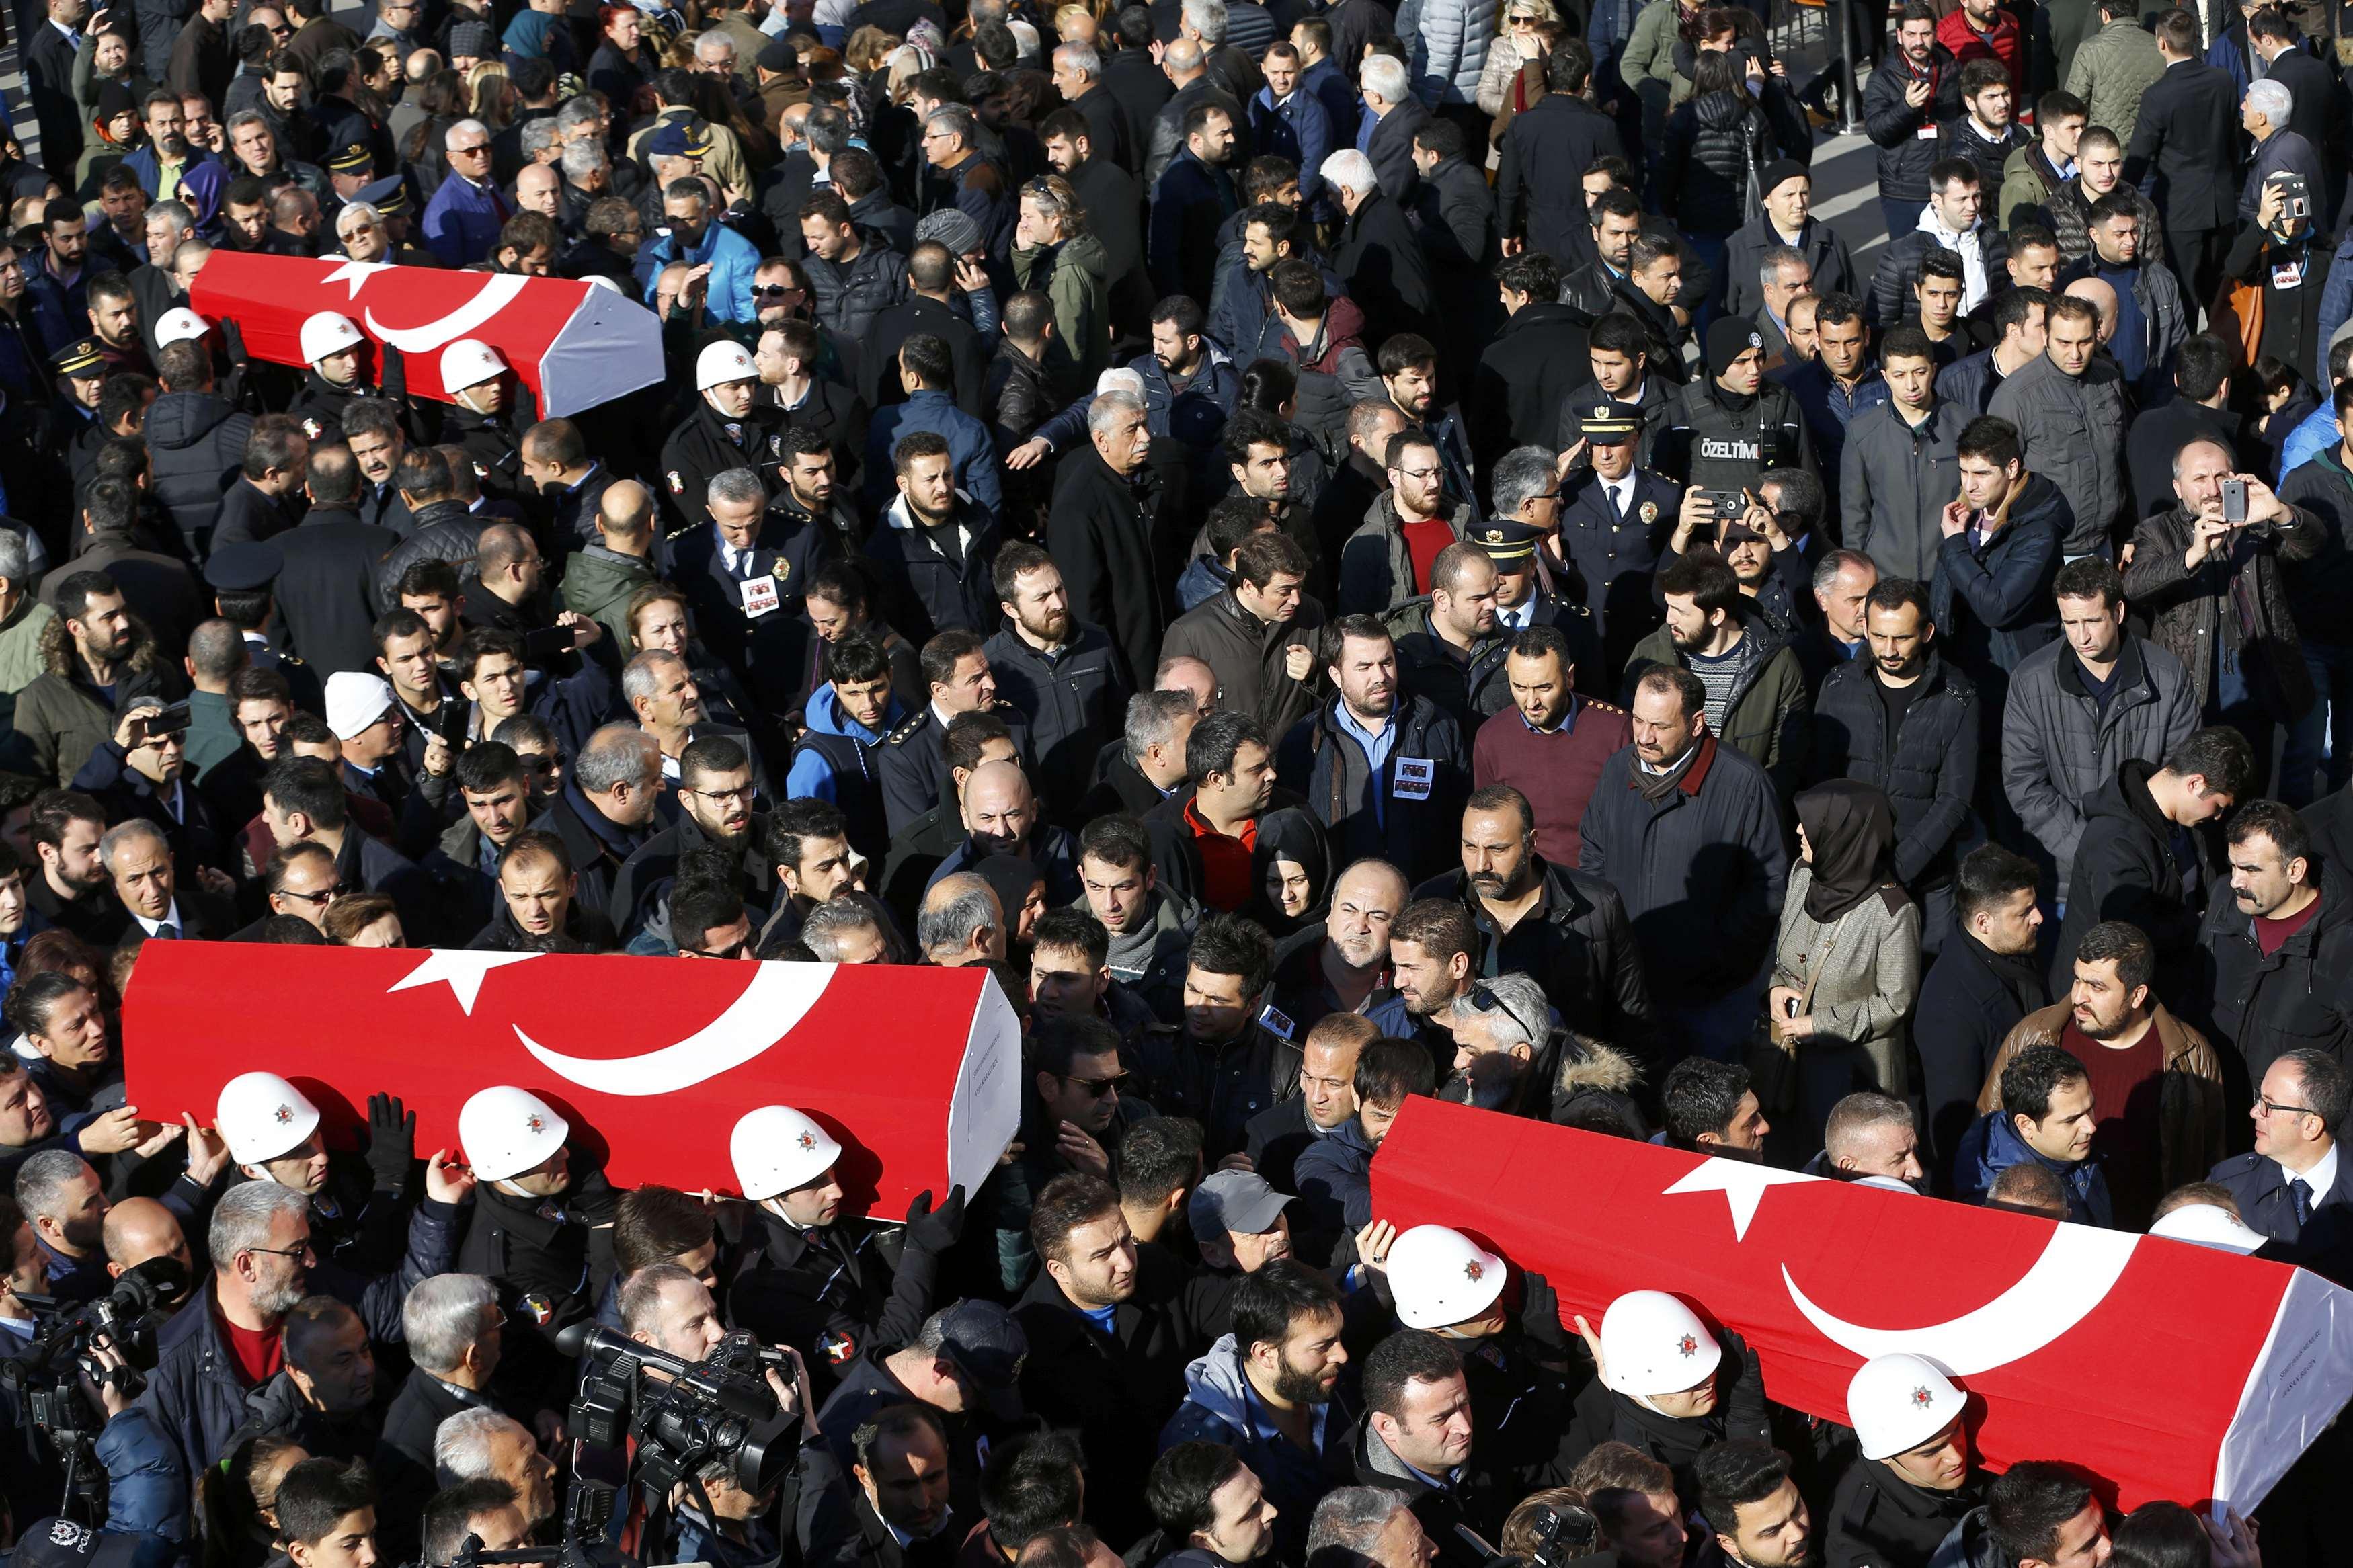 People carry the flag-draped coffins of police officers killed in Saturday's blasts in Istanbul, Turkey, December 11, 2016. REUTERS/Murad Sezer TPX IMAGES OF THE DAY *** Local Caption *** Warga membawa peti jenazah berselimutkan bendera nasional saat upacara pemakaman anggota polisi yang tewas dalam ledakan Sabtu malam di Istanbul, Turki, Minggu (11/12). ANTARA FOTO/REUTERS/Murad Sezer/djo/16